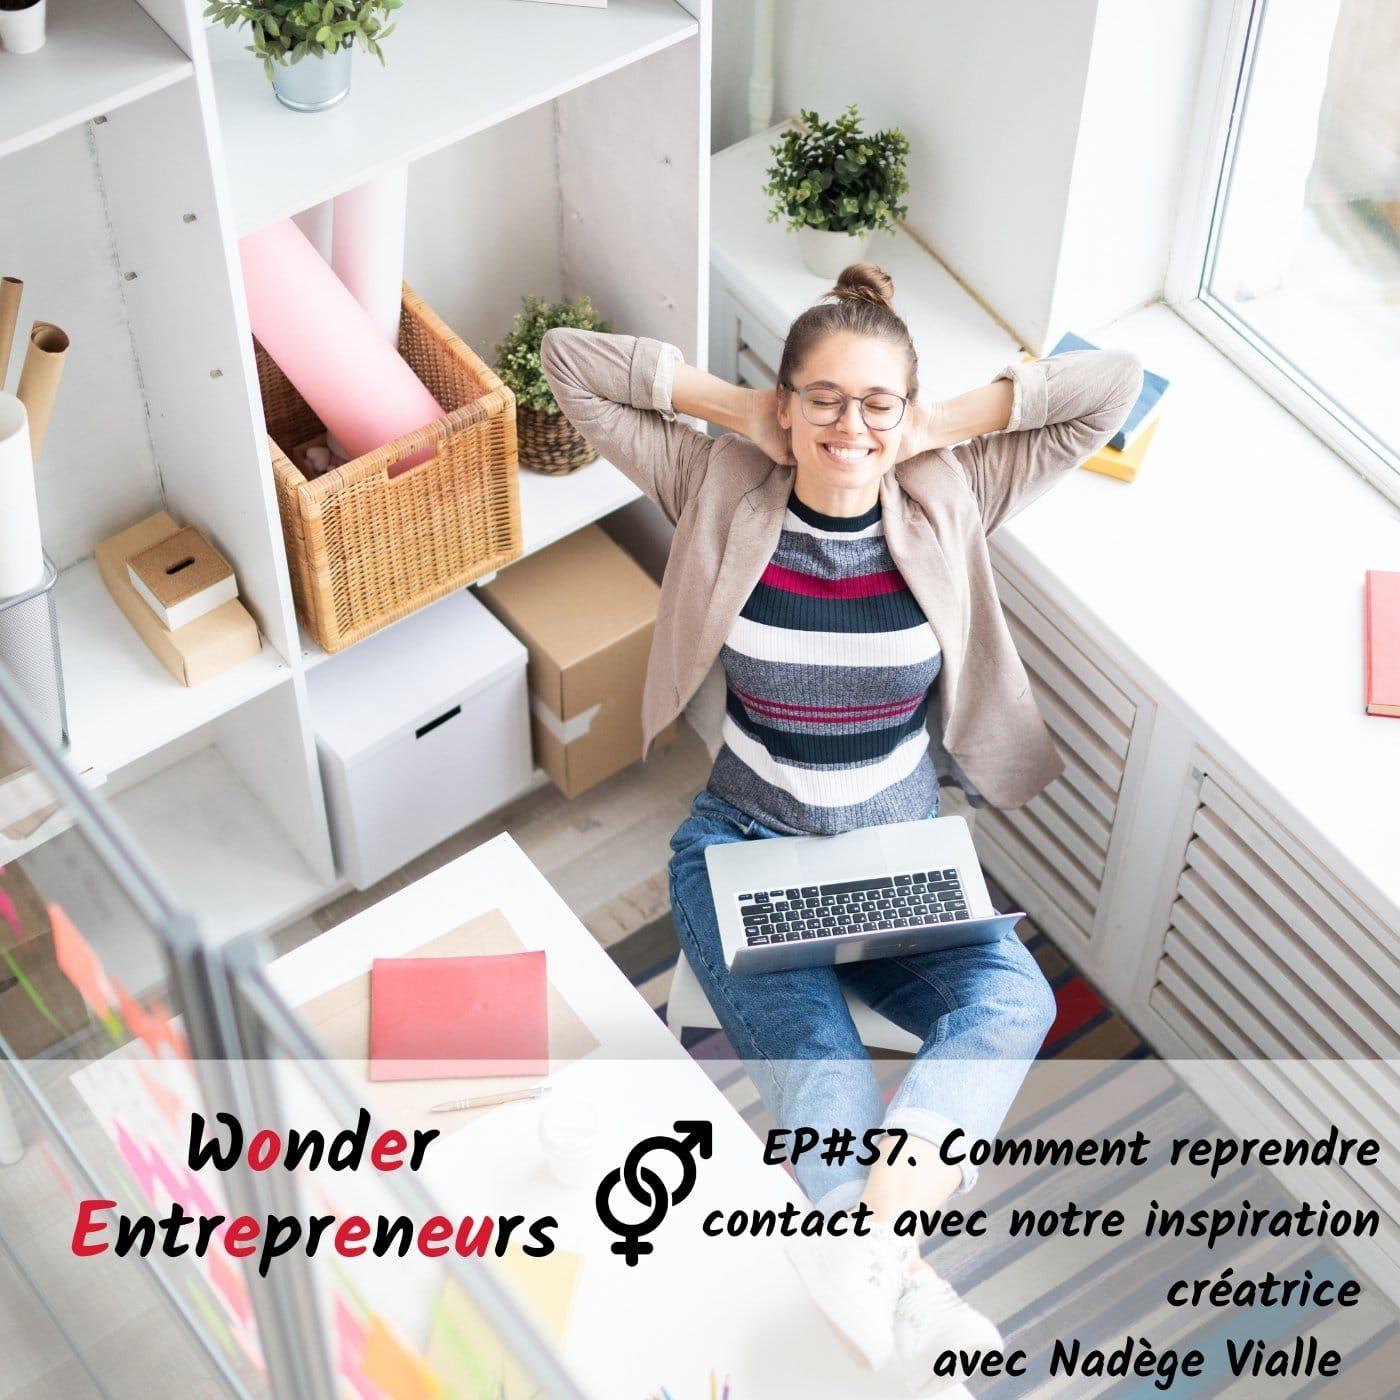 Episode 57. Comment reprendre contact avec ton inspiration créatrice podcast wonder entrepreneurs